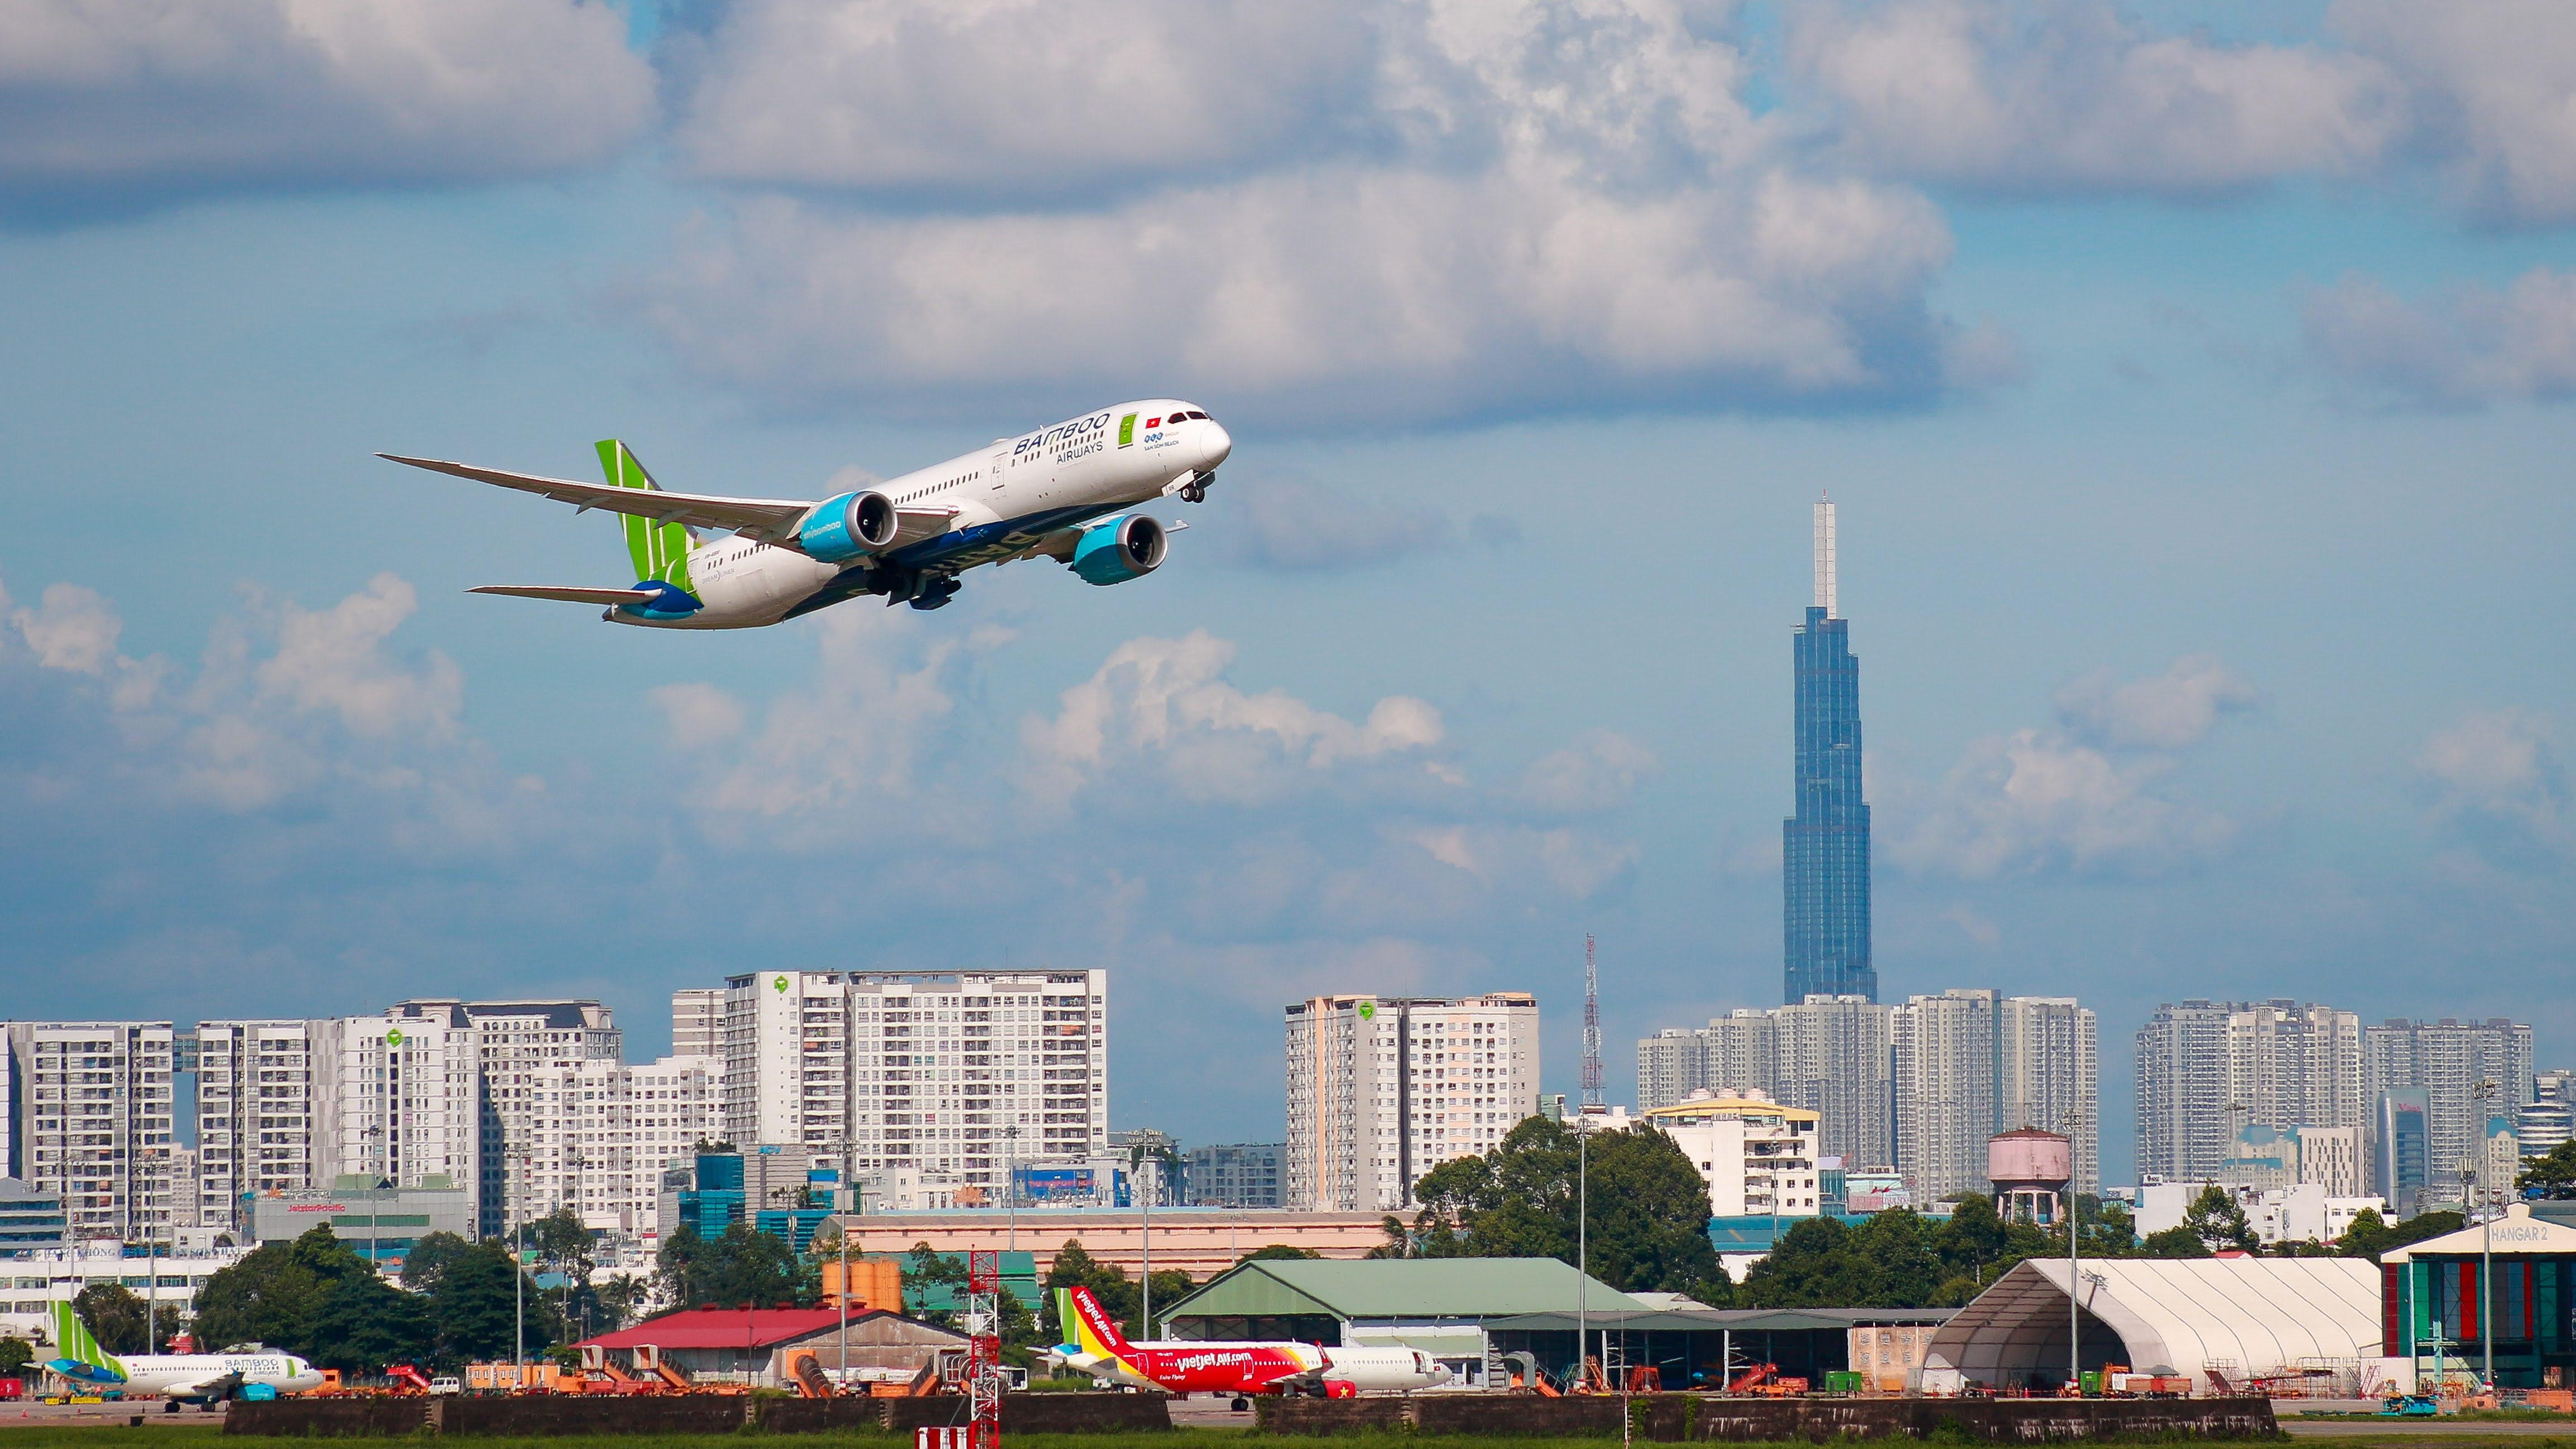 Hàng không Việt Nam hồi phục mạnh, lượng hành khách tăng vọt  - Ảnh 1